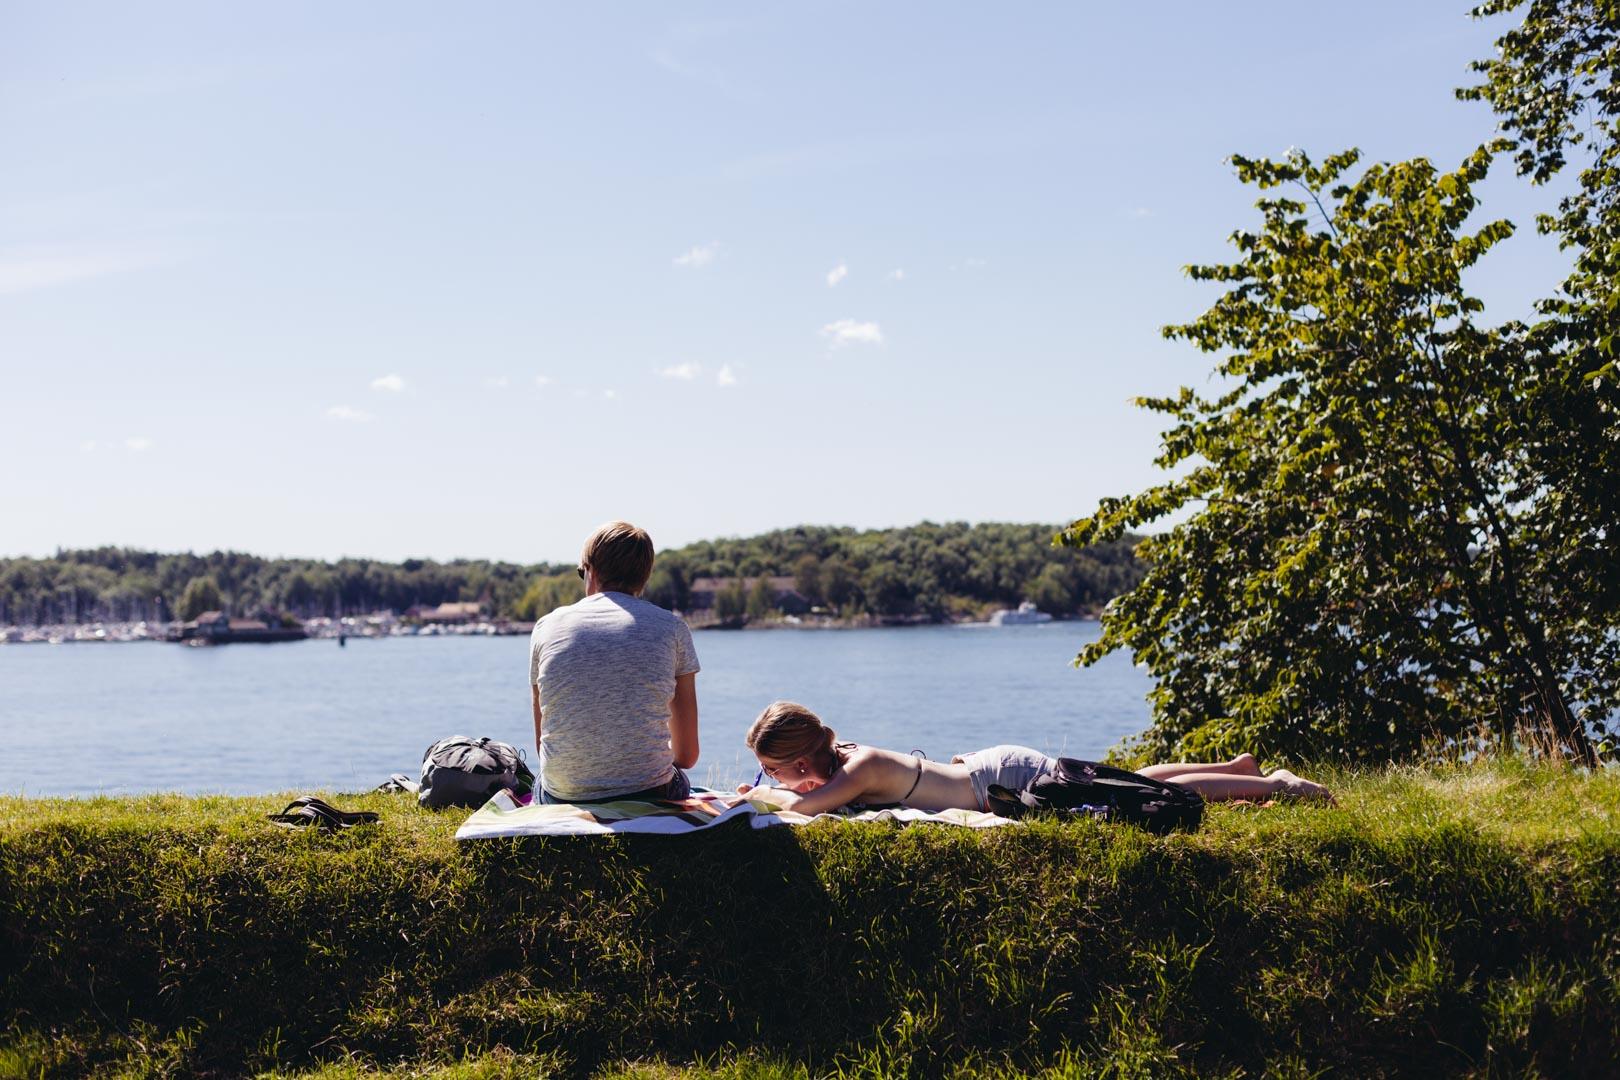 Le-Sycomore_Travel_Oslo_Akershus_5.jpg